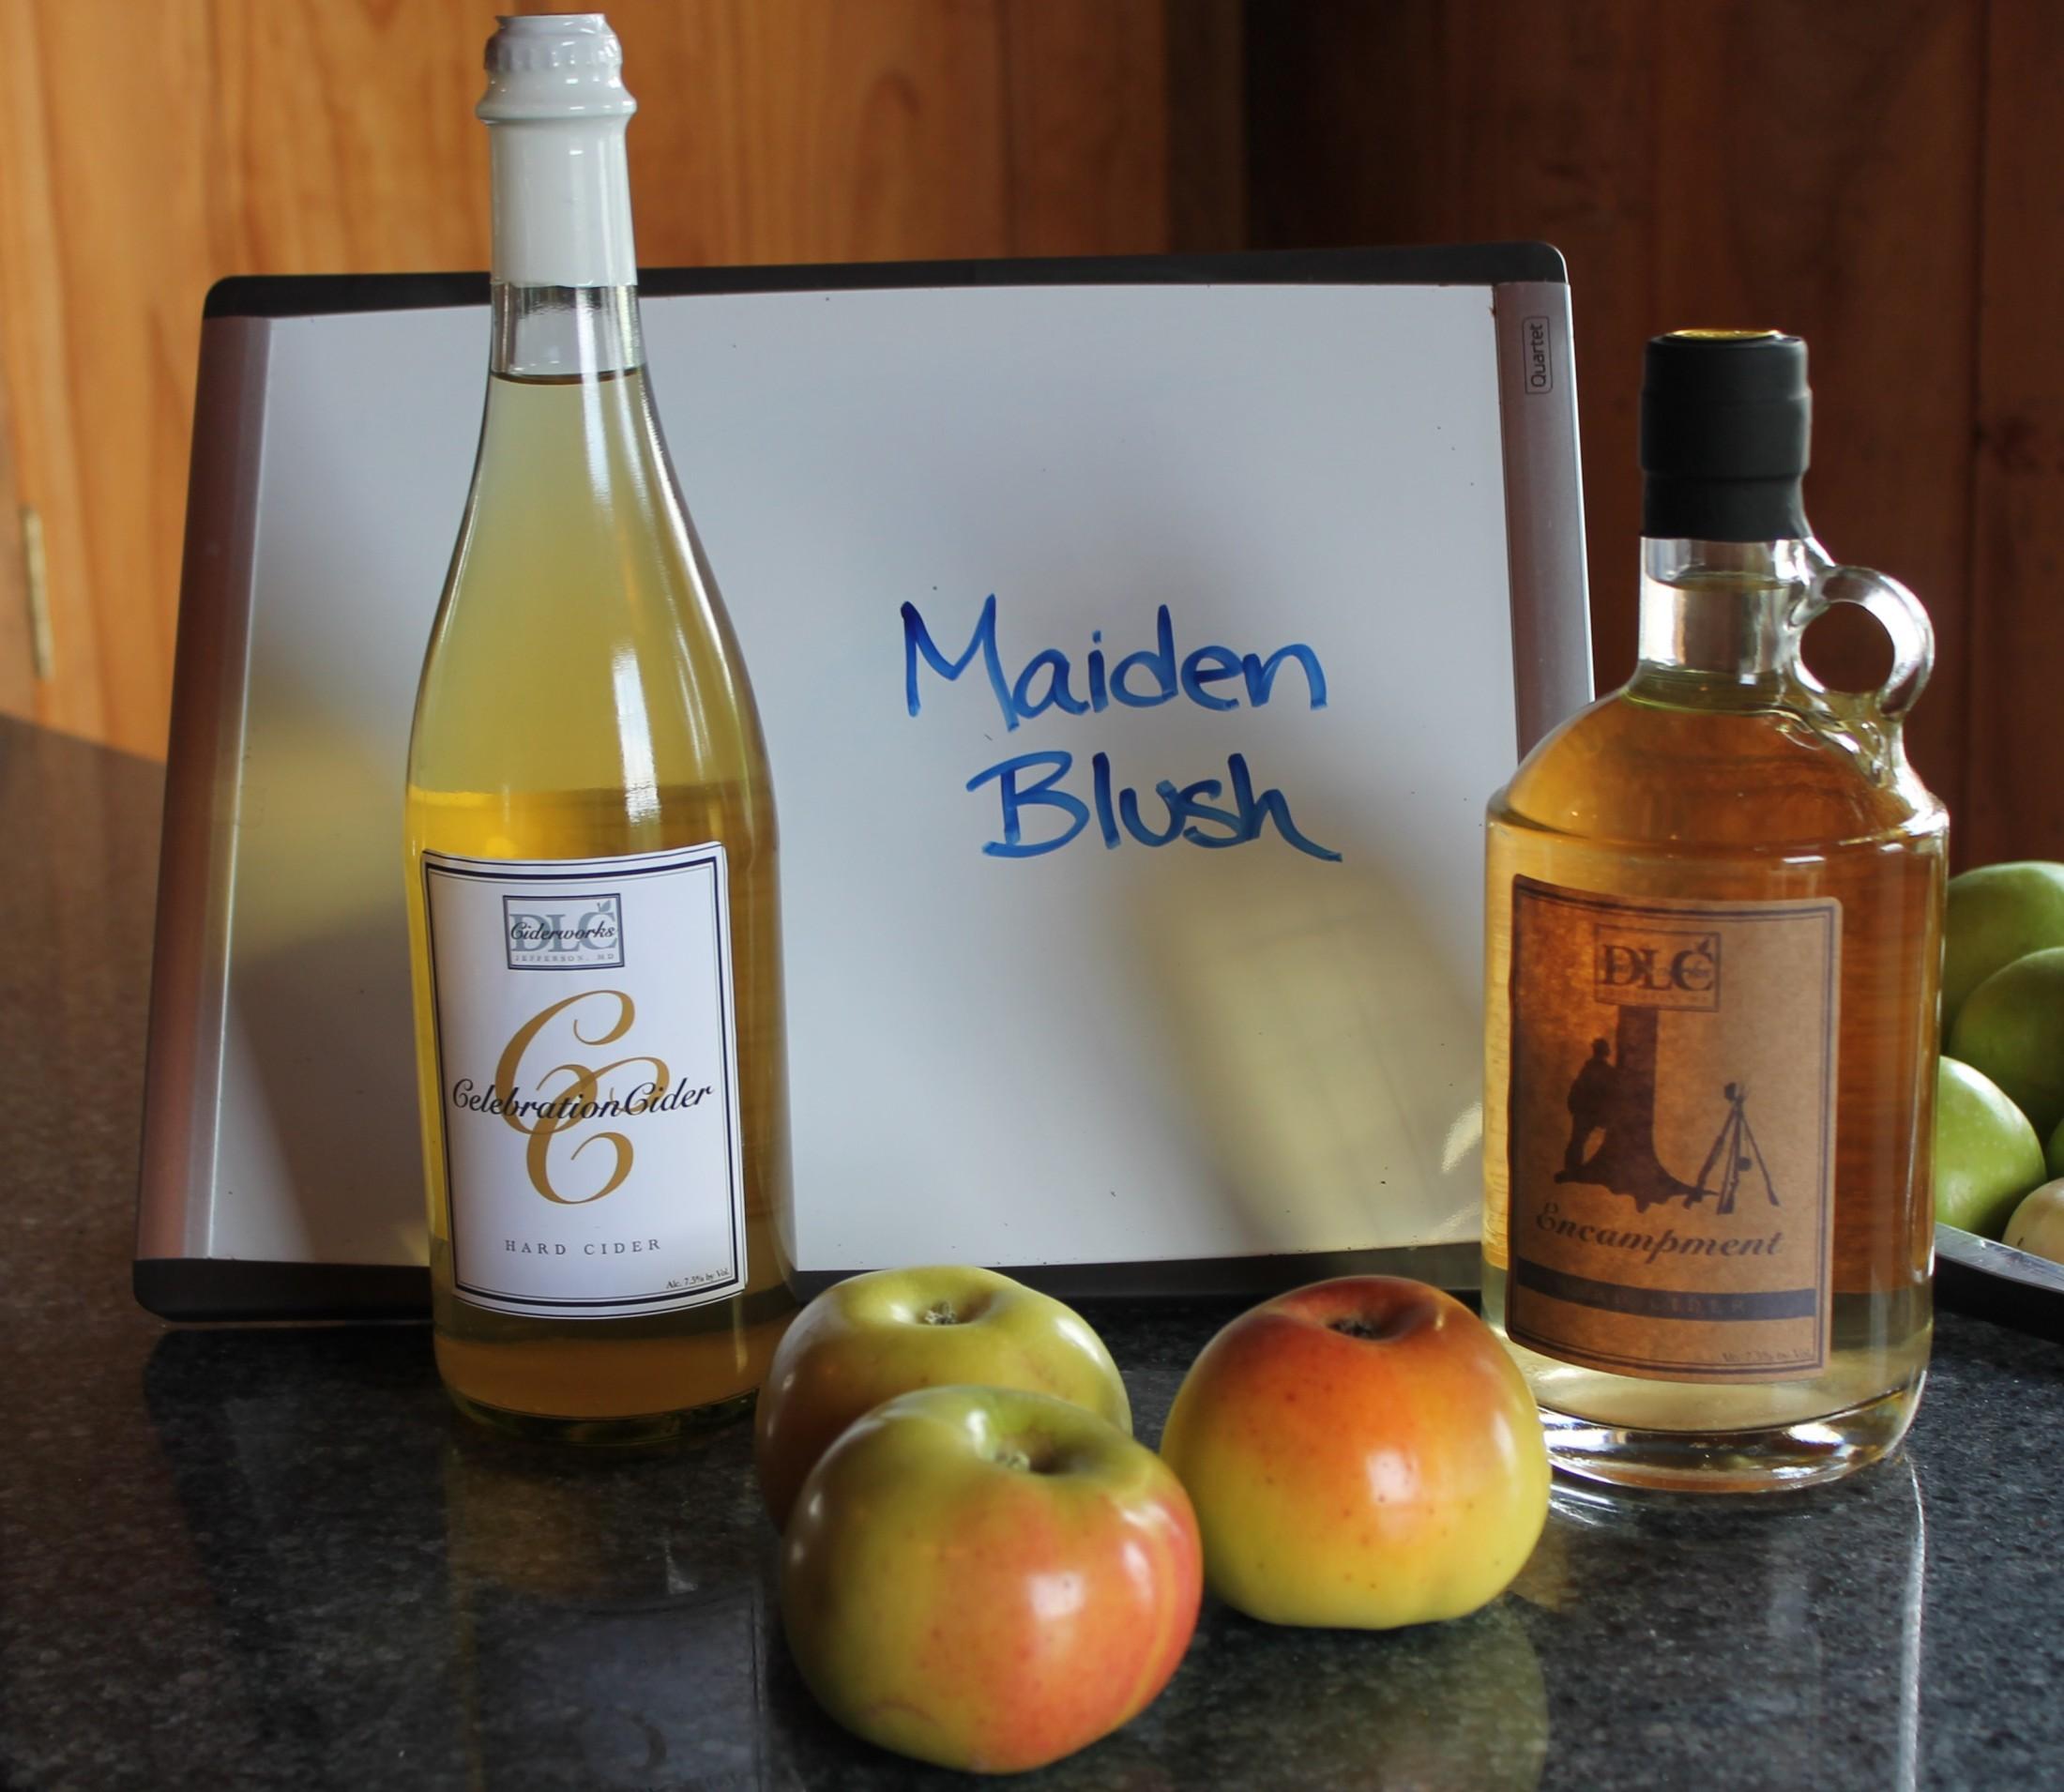 Maiden Blush